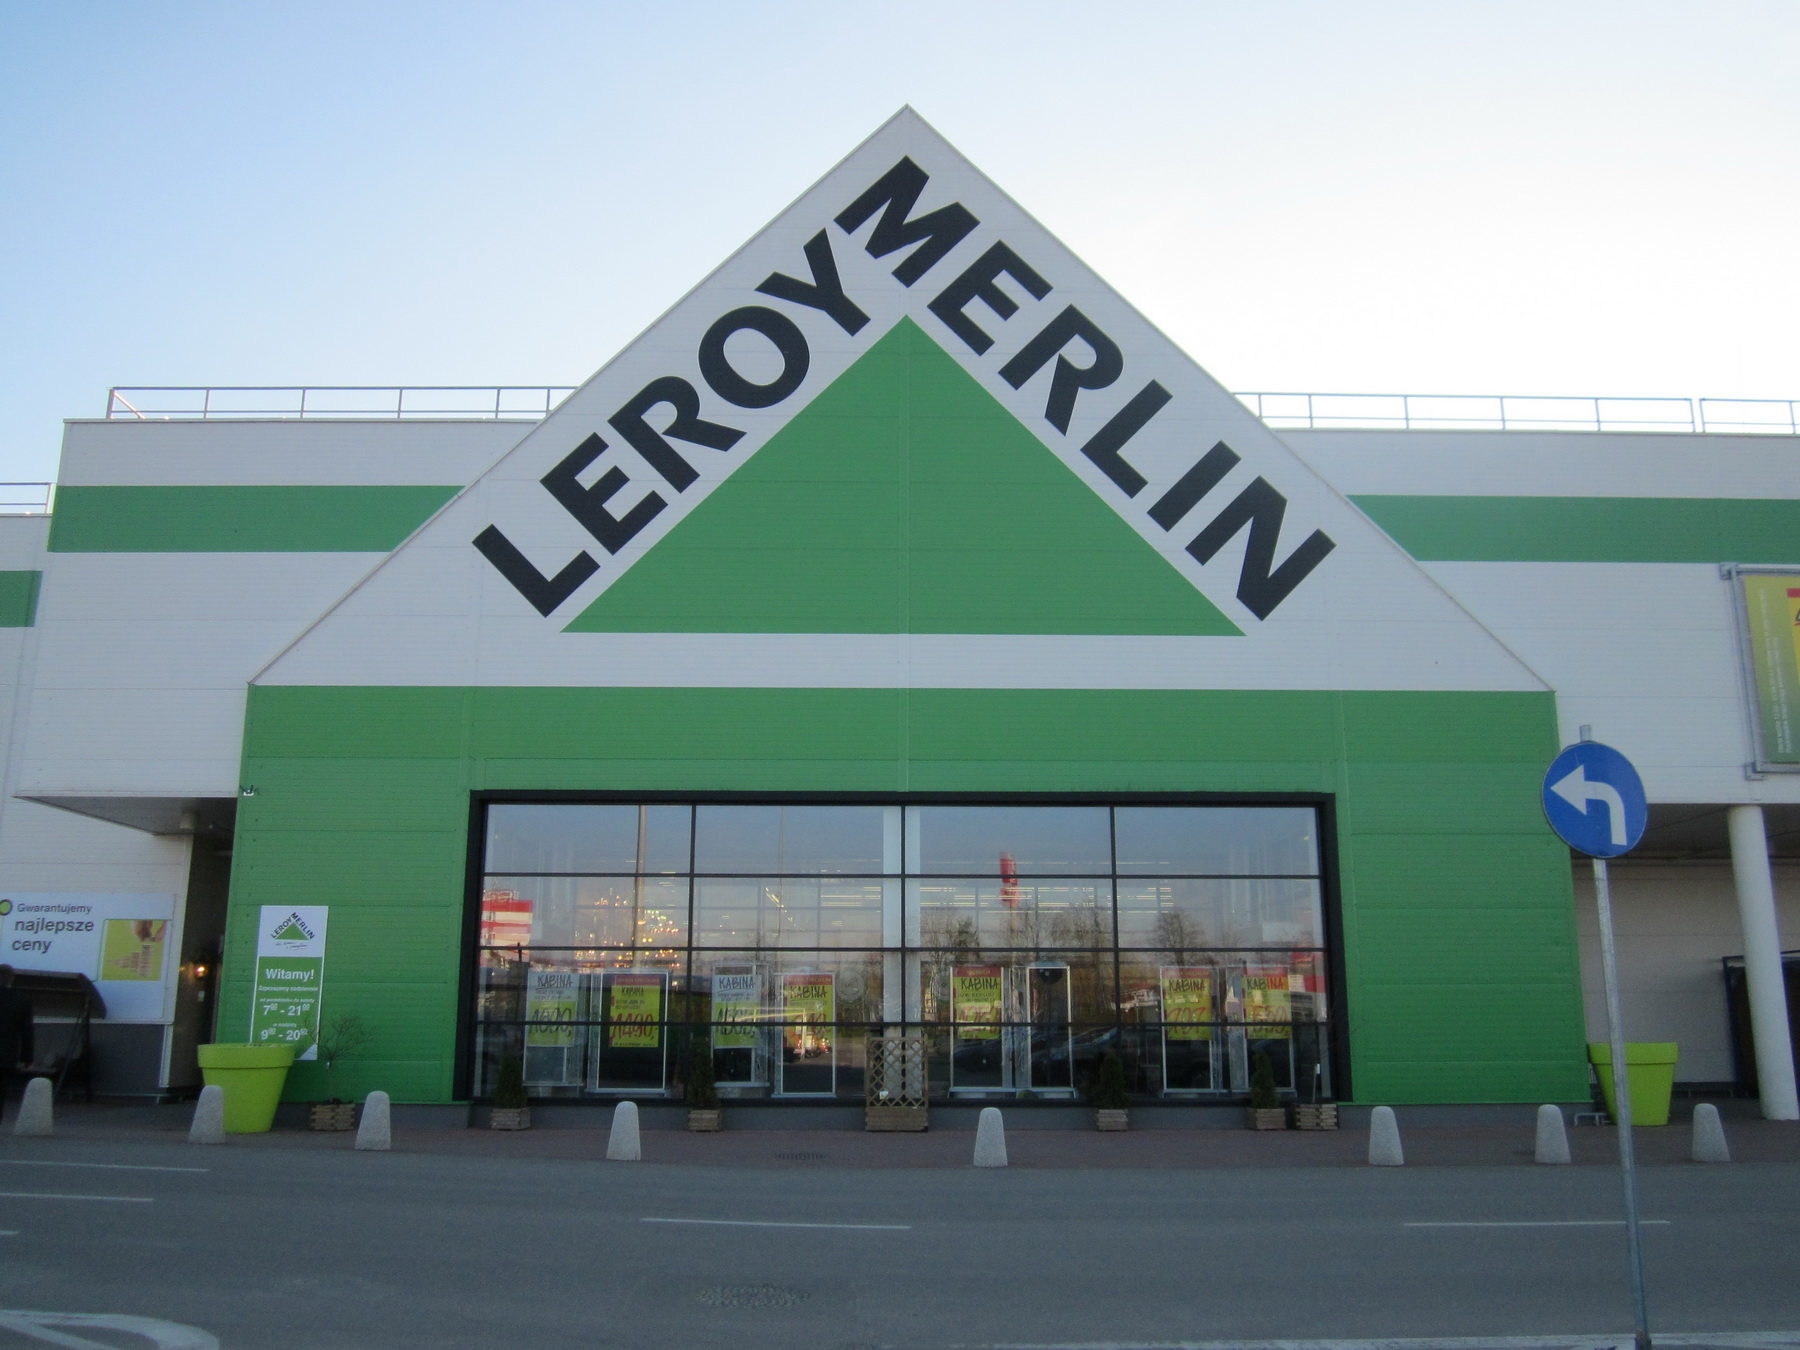 Leroy merl n utilizar la franquicia aki en las ciudades - Leroy merlin las rozas madrid ...